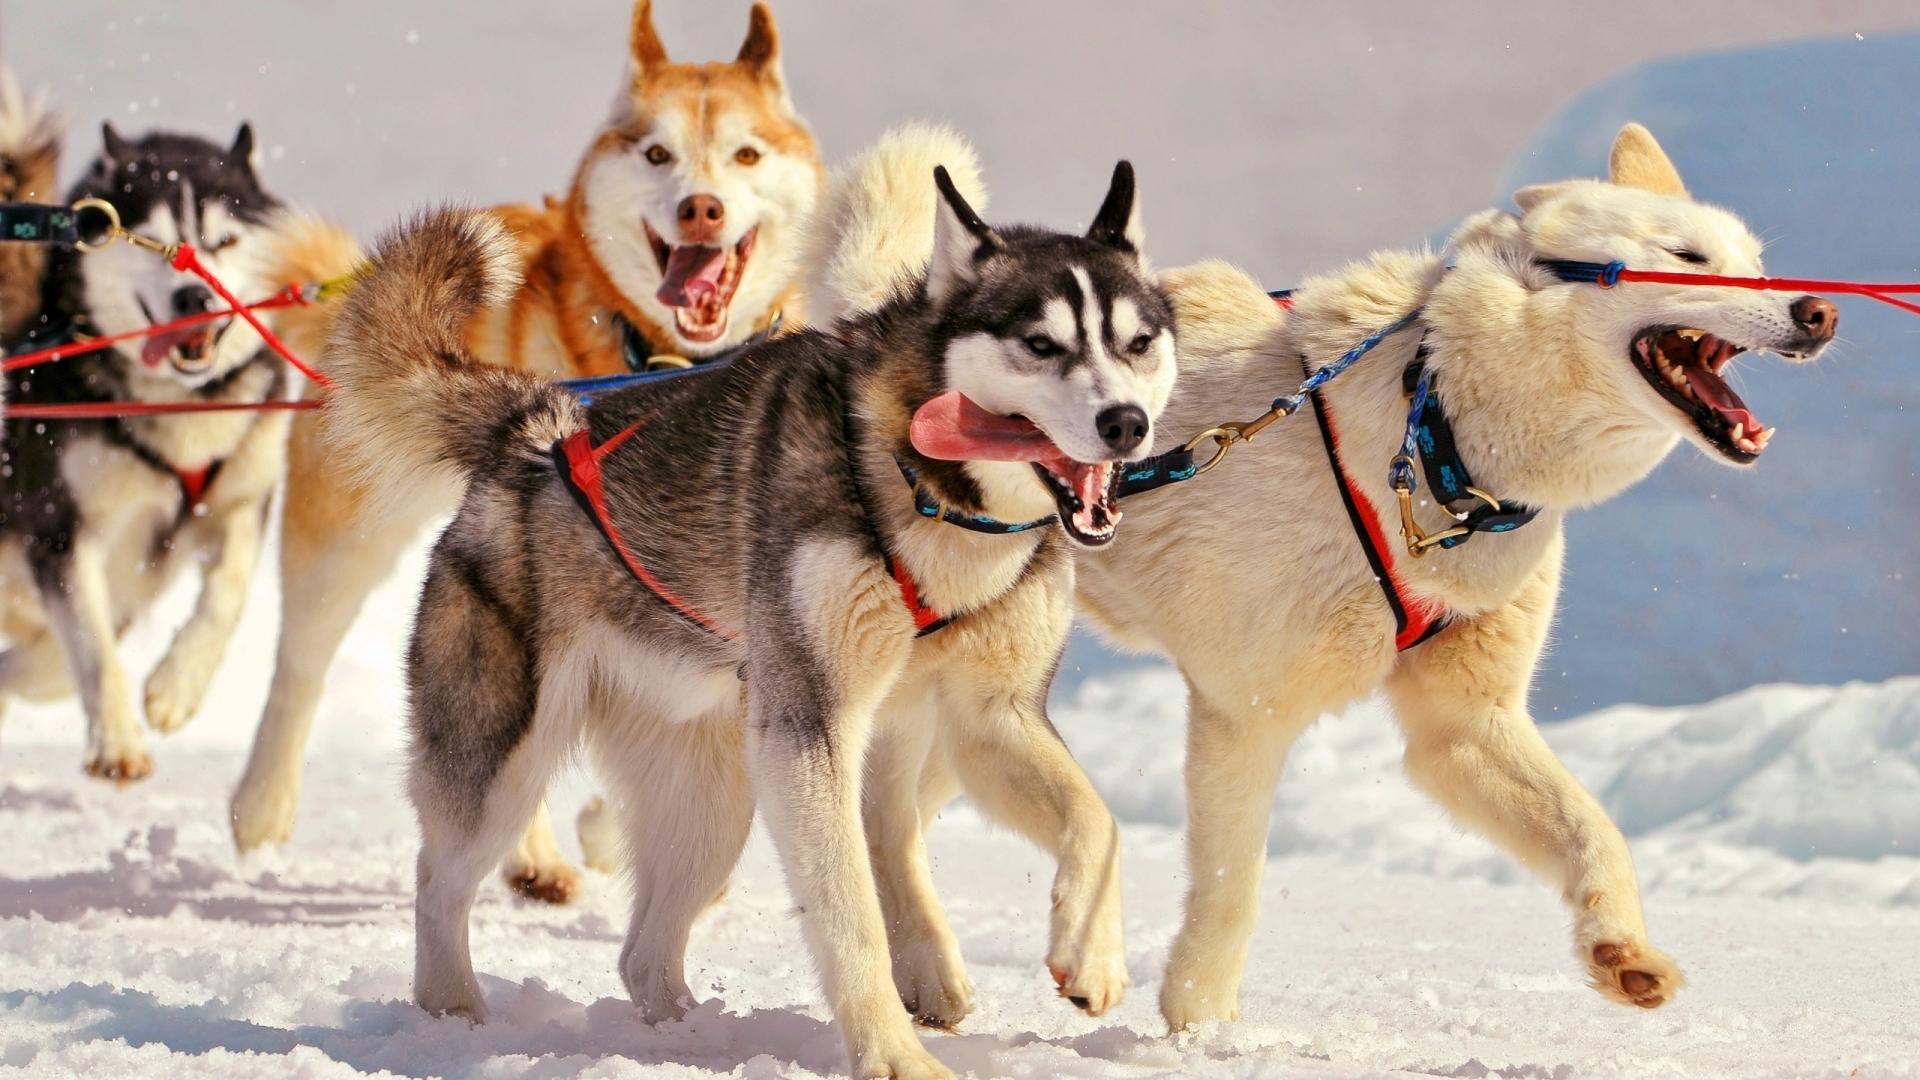 Perros en la nieve - 1920x1080